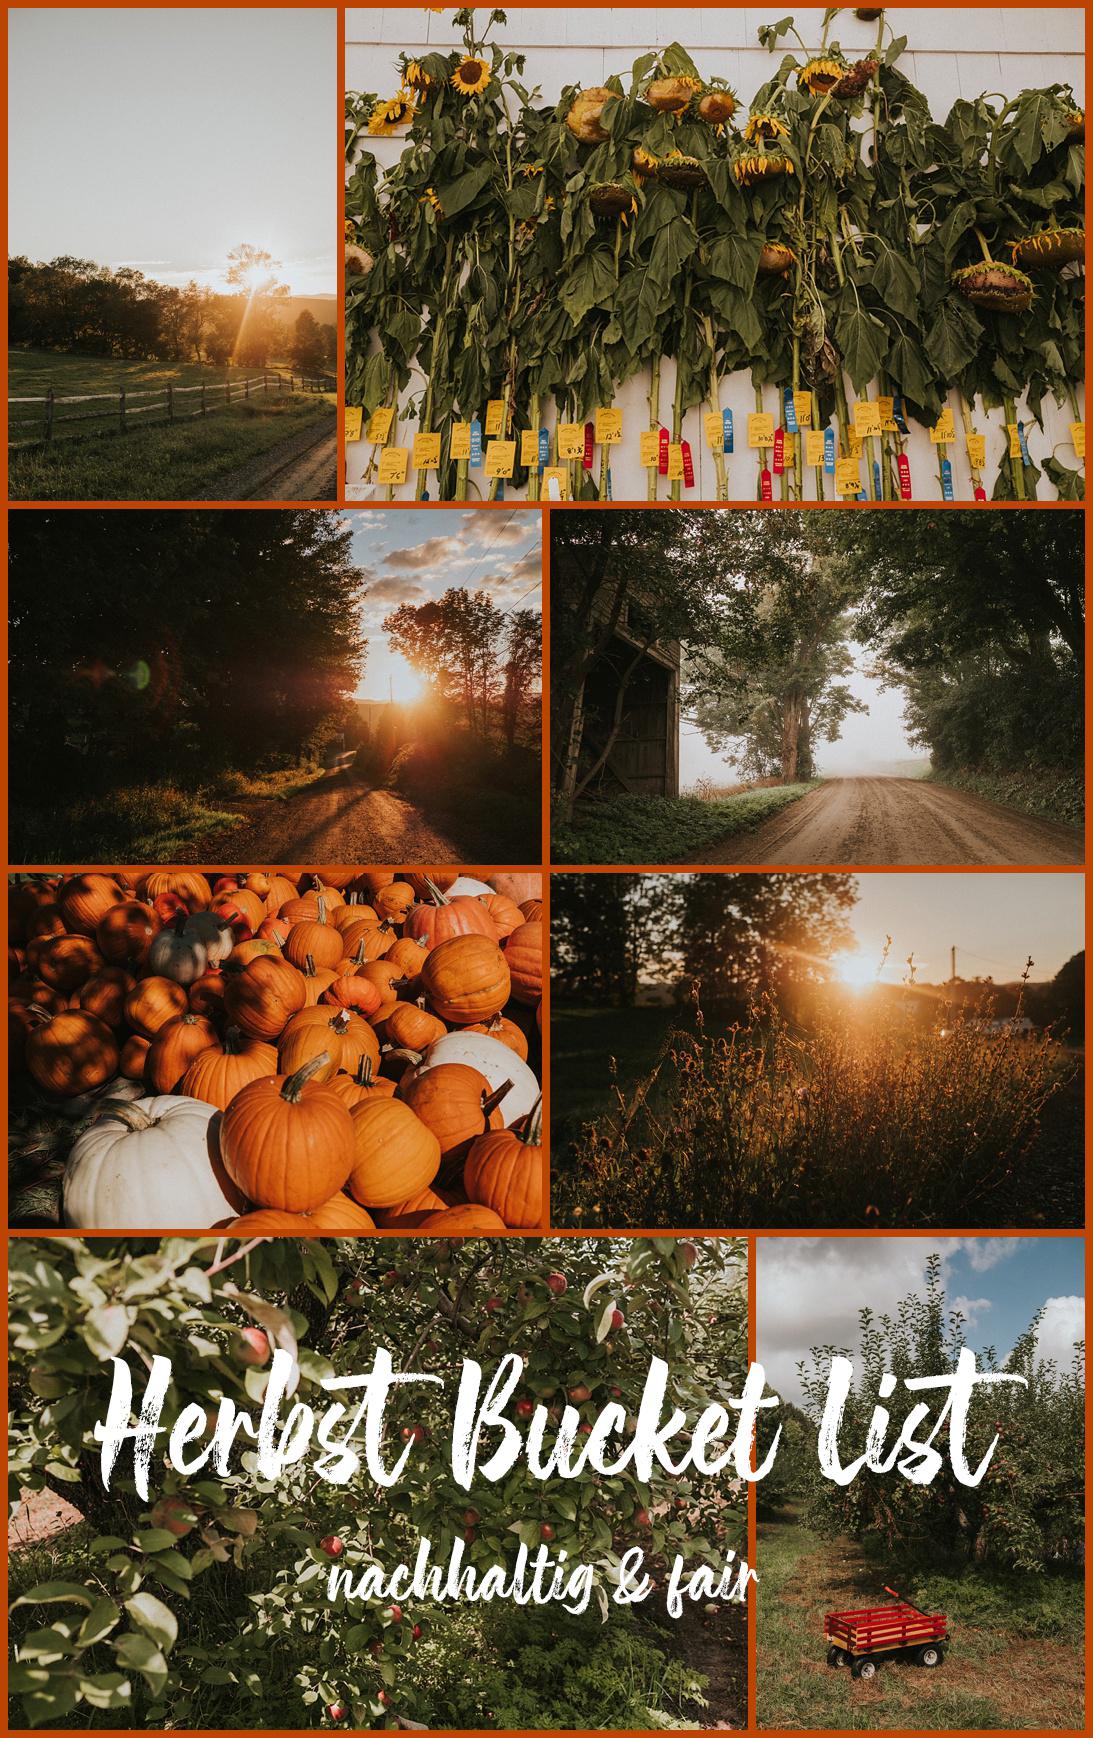 Herbst Bucket List nachhaltig und fair